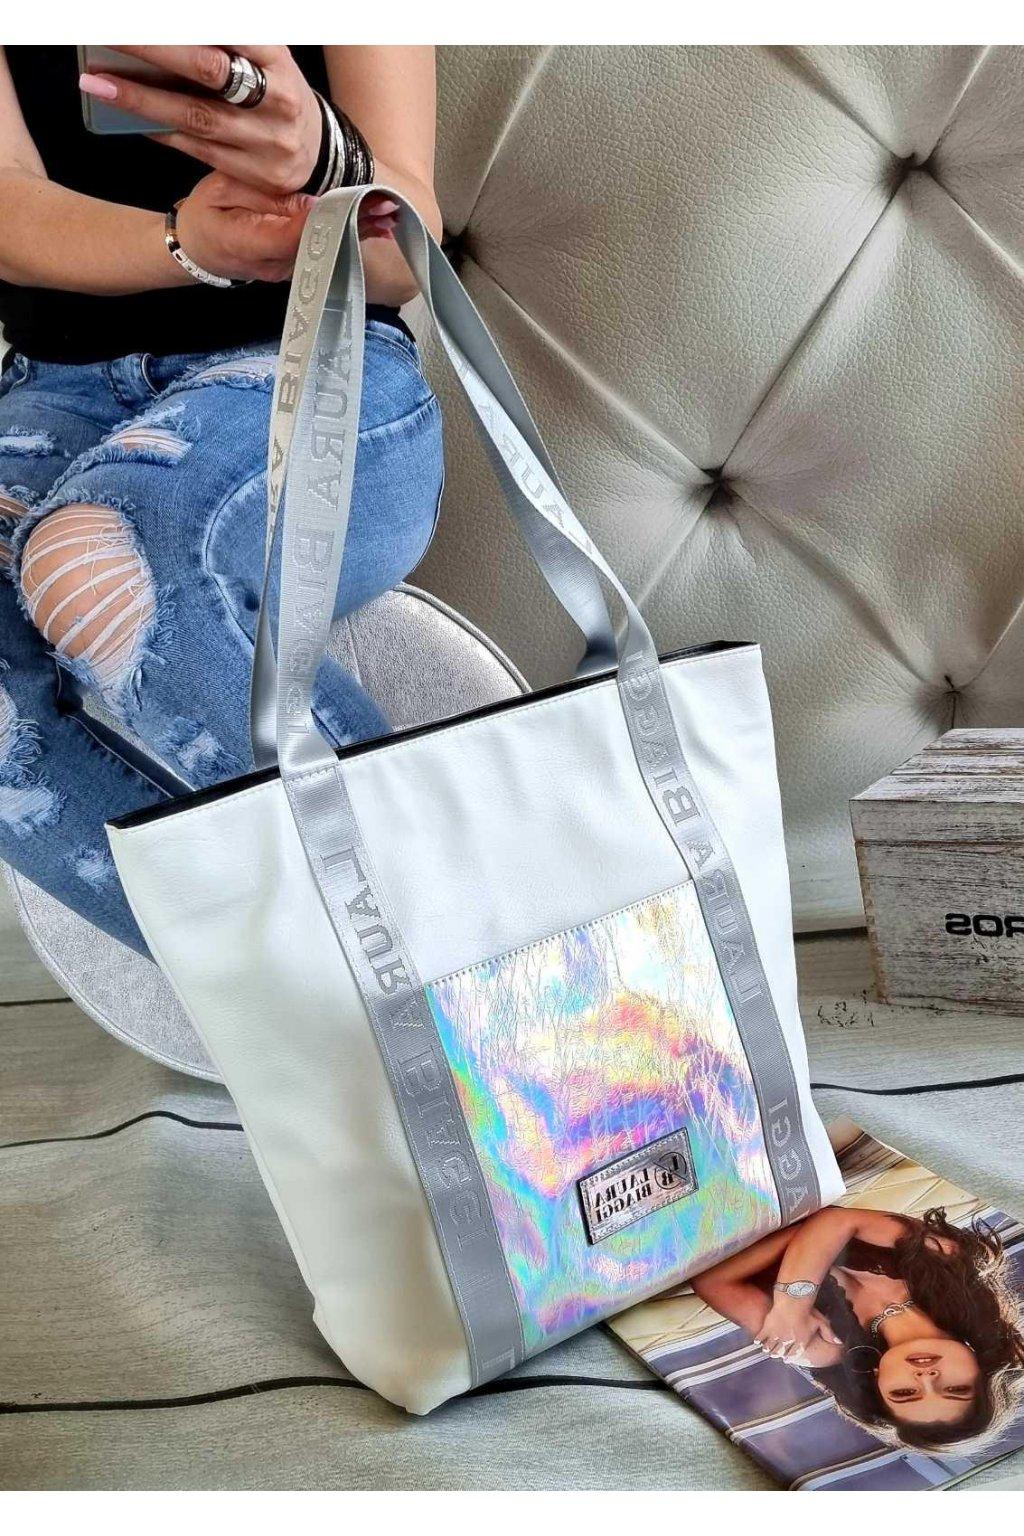 kabelka laura biaggi velká bílostříbrná trendy luxusní značková kabelka stylová